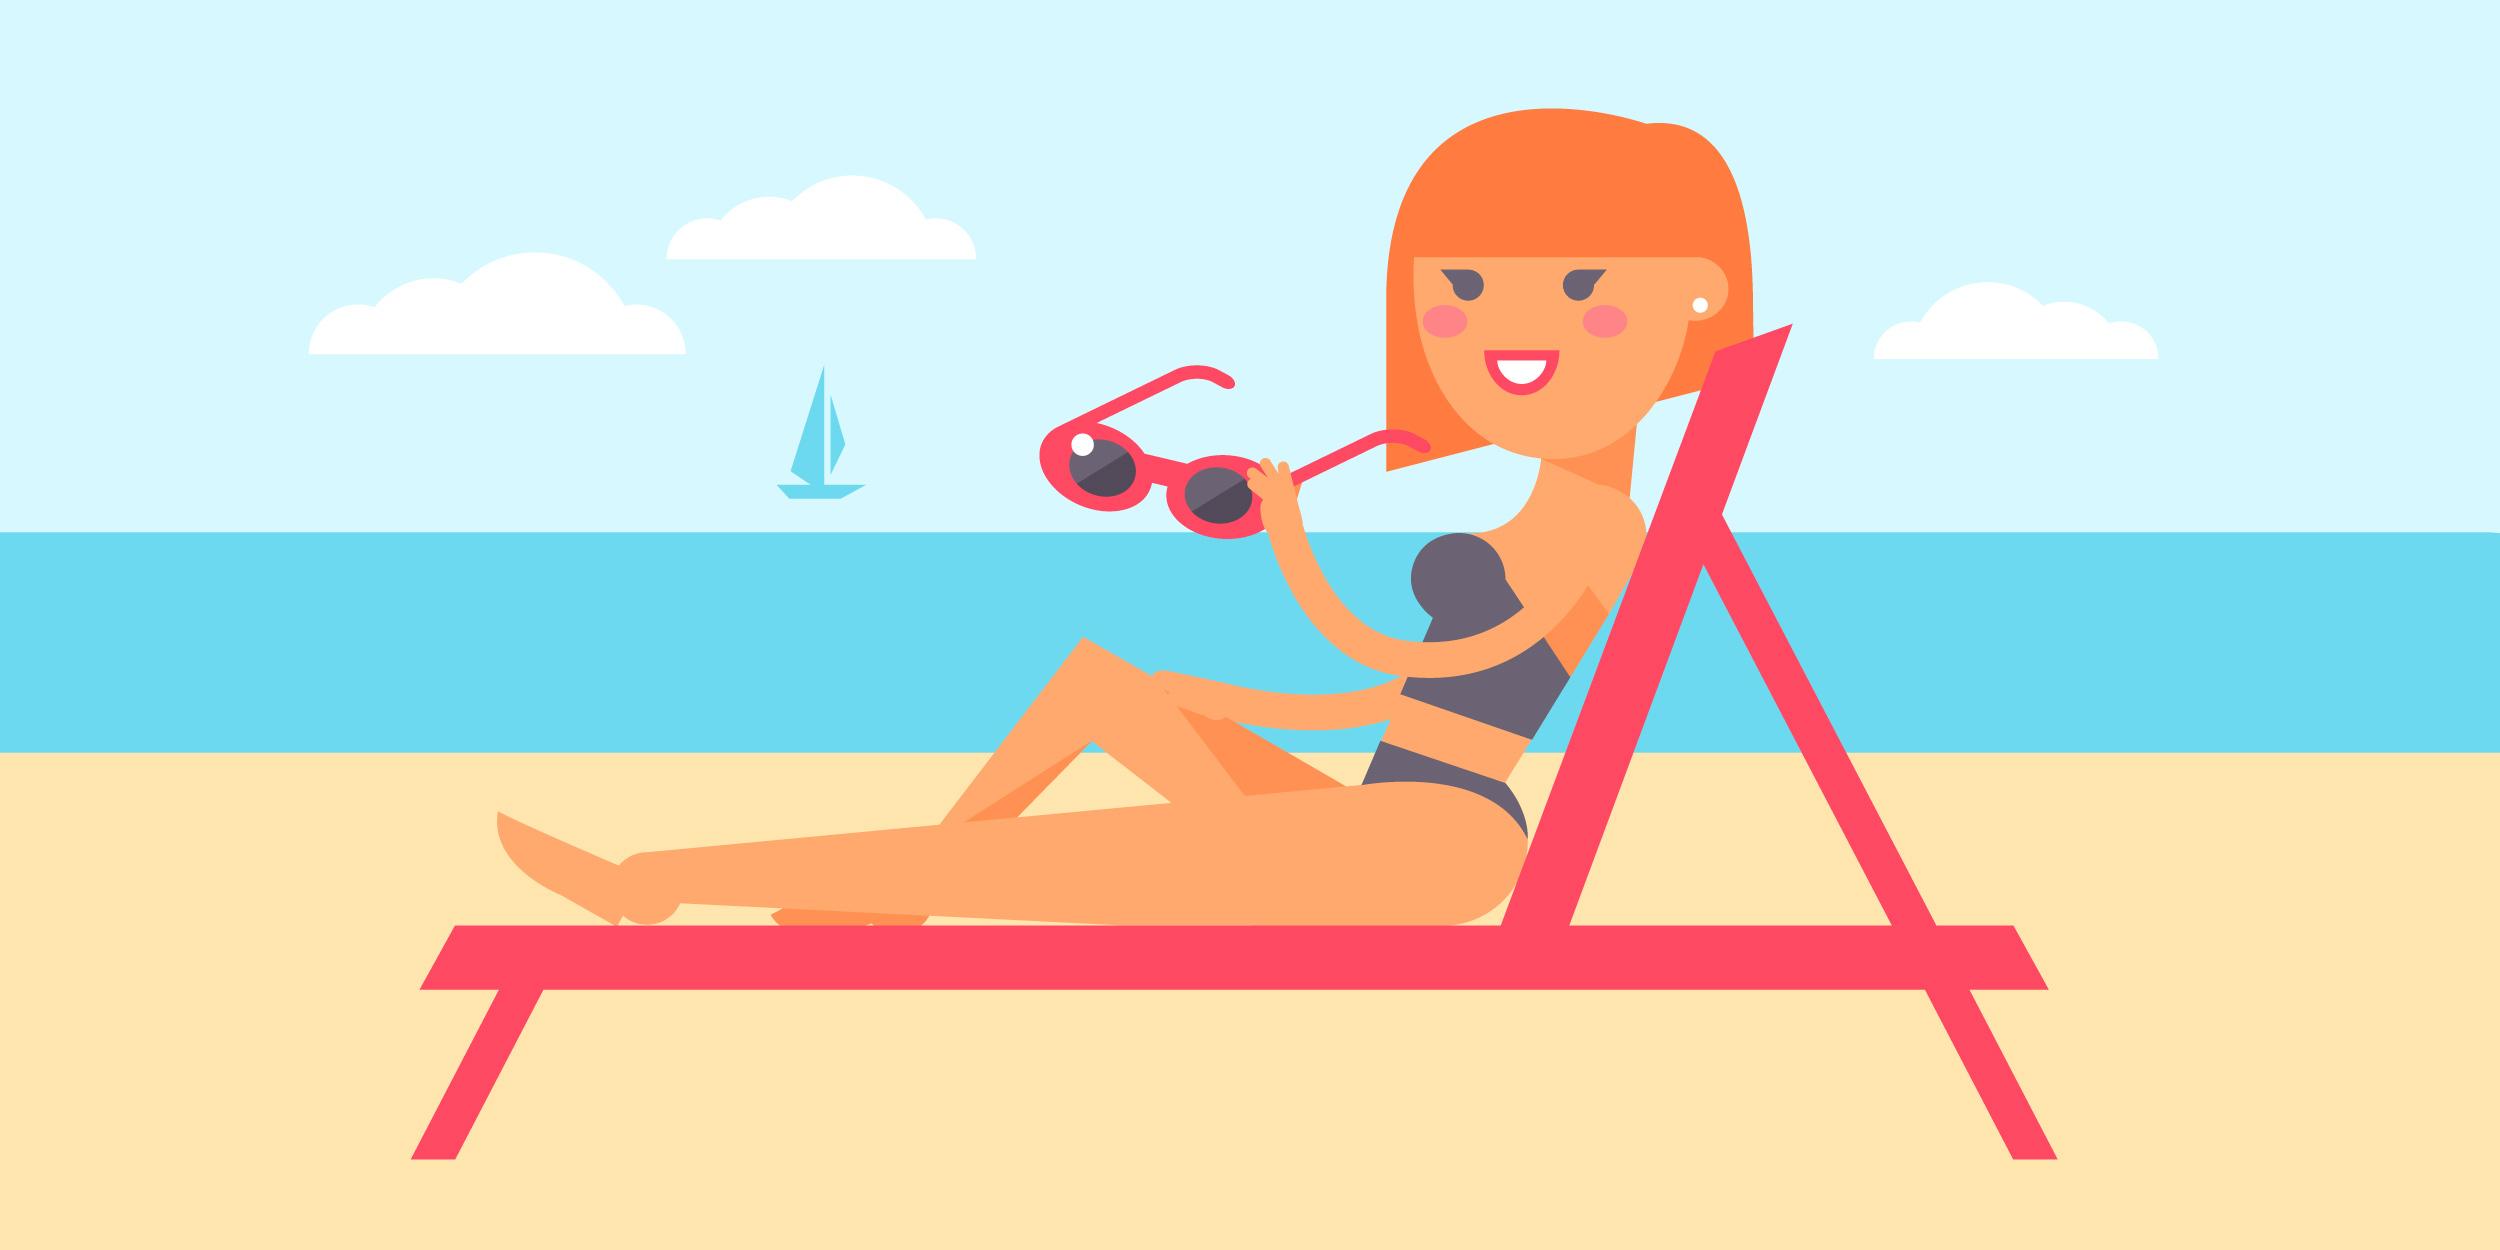 Приложение UVLens подскажет, сколько можно находиться на солнце без угрозы для здоровья